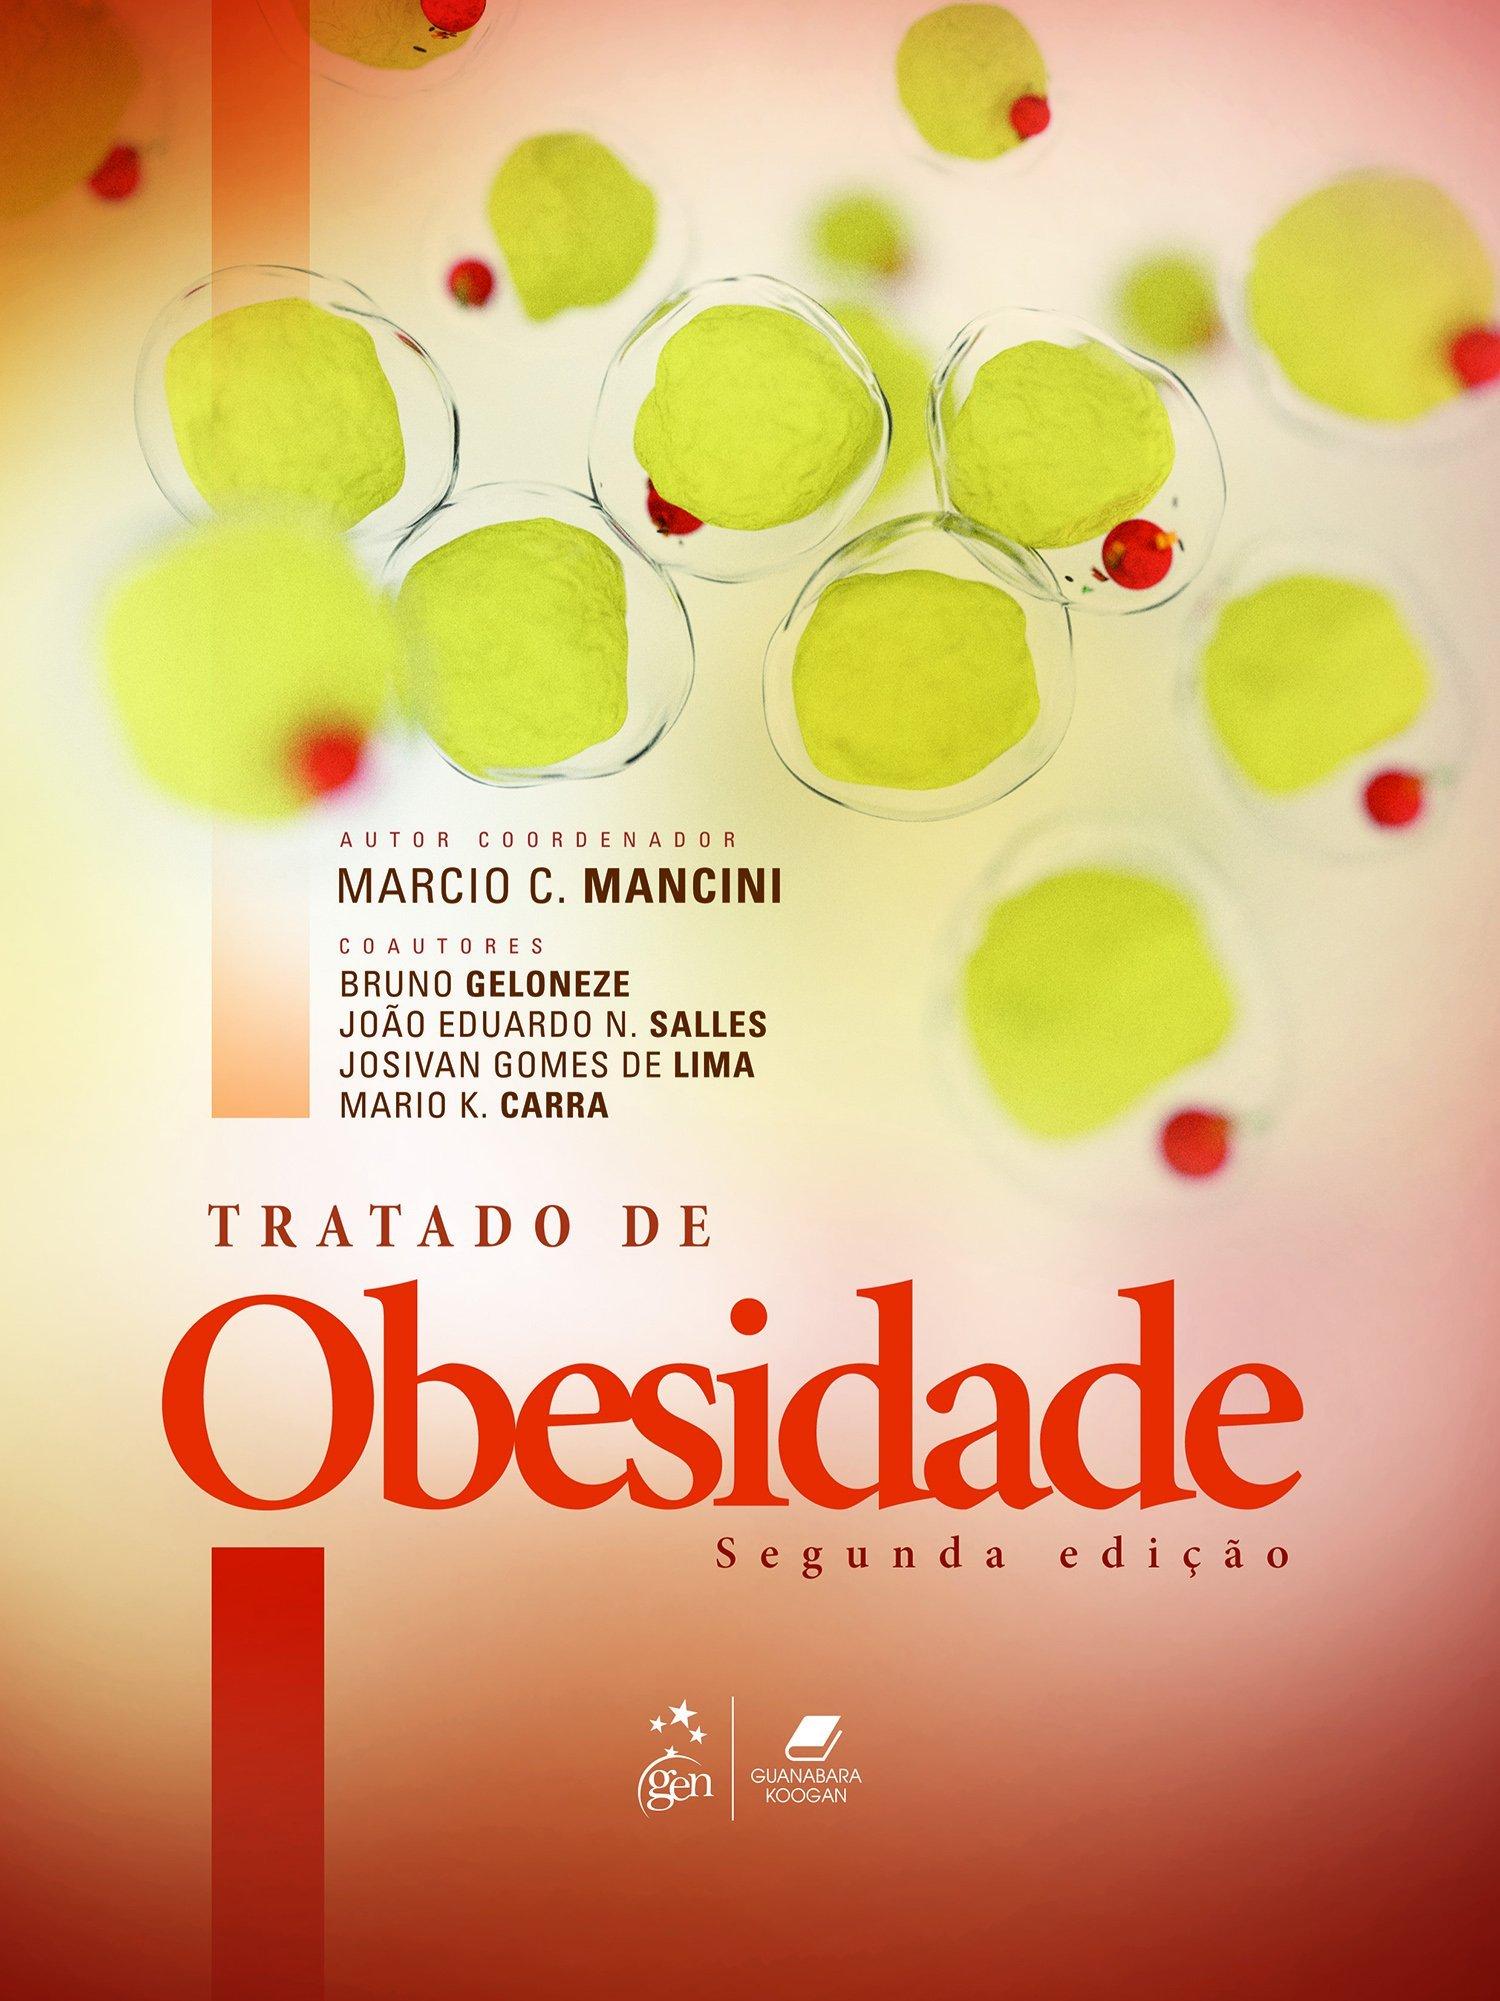 Tratado de Obesidade (Em Portuguese do Brasil): Márcio Mancini: 9788527727631: Amazon.com: Books